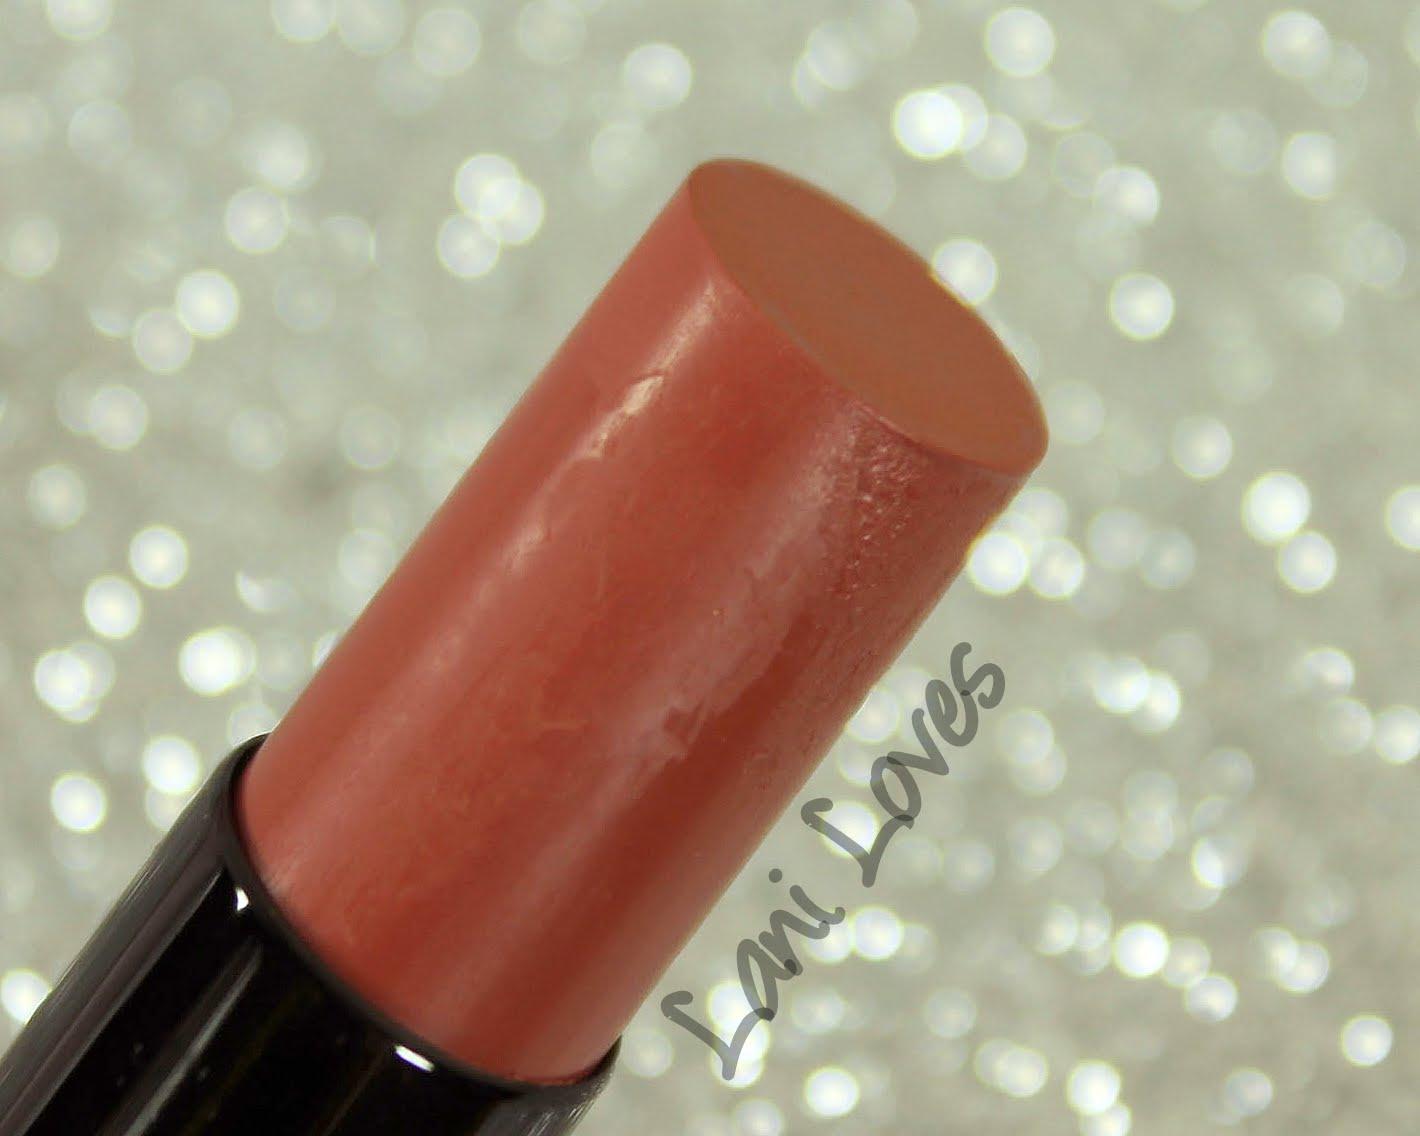 ZA Vibrant Moist Lipstick - RD777 swatches & review